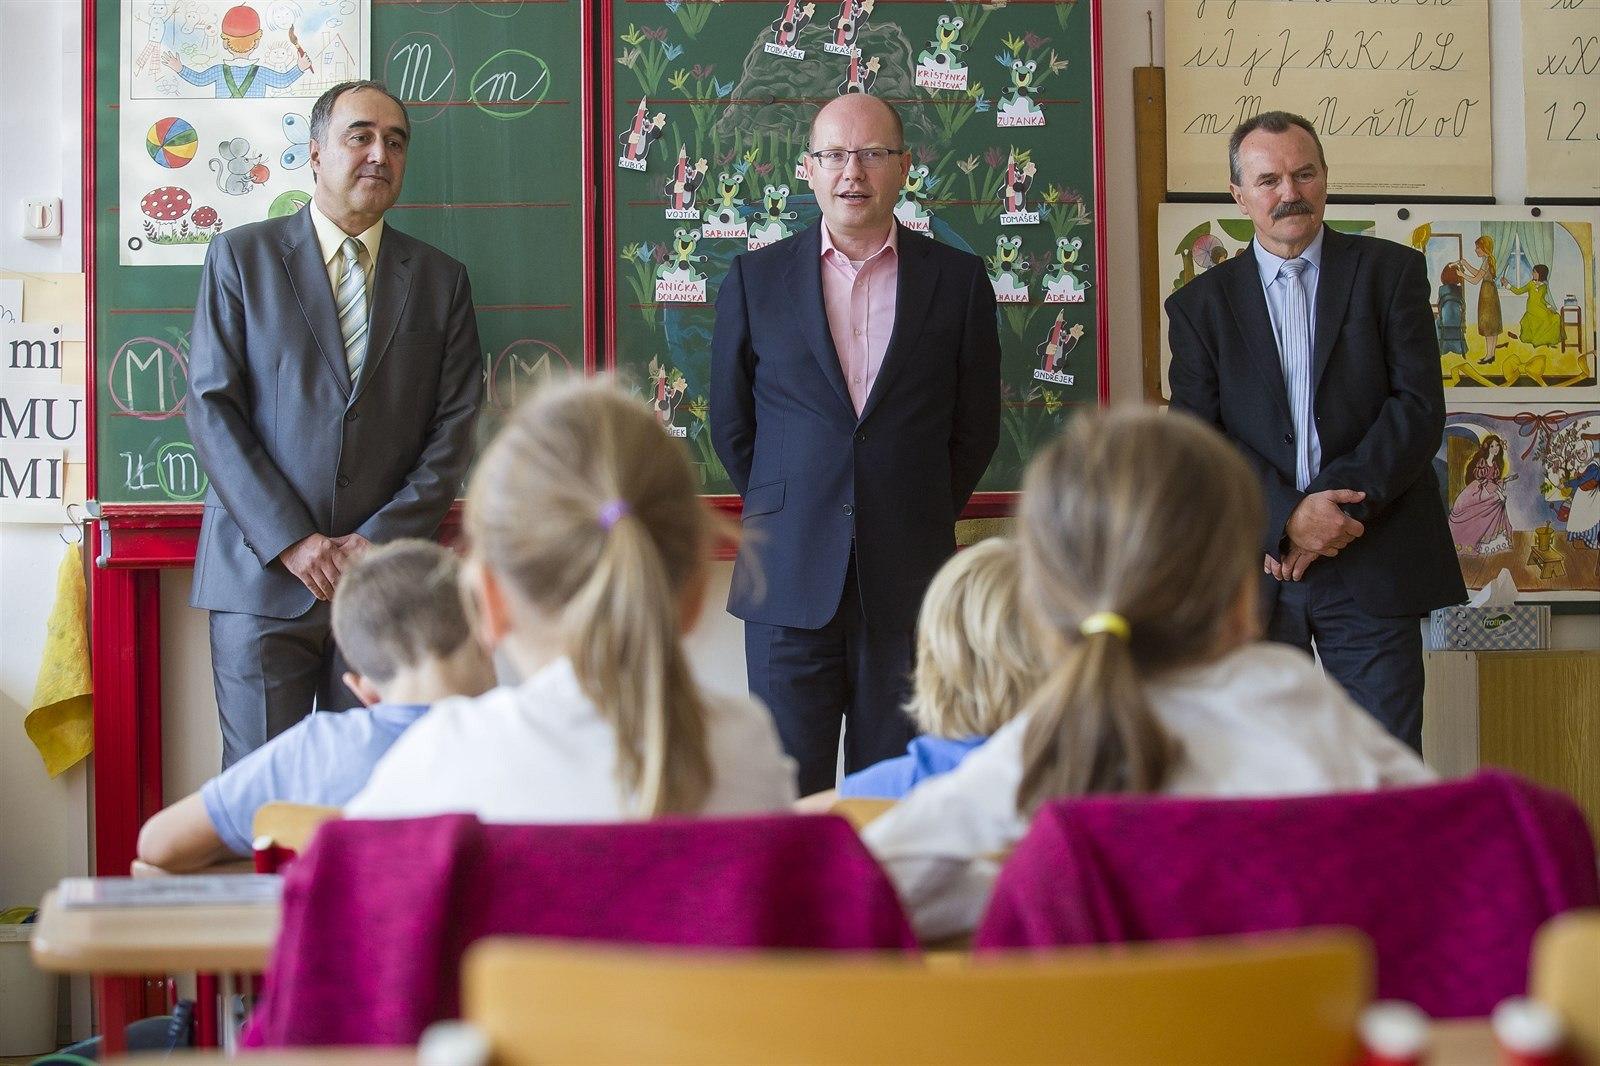 Výsledek obrázku pro premiér sobotka zlín škola